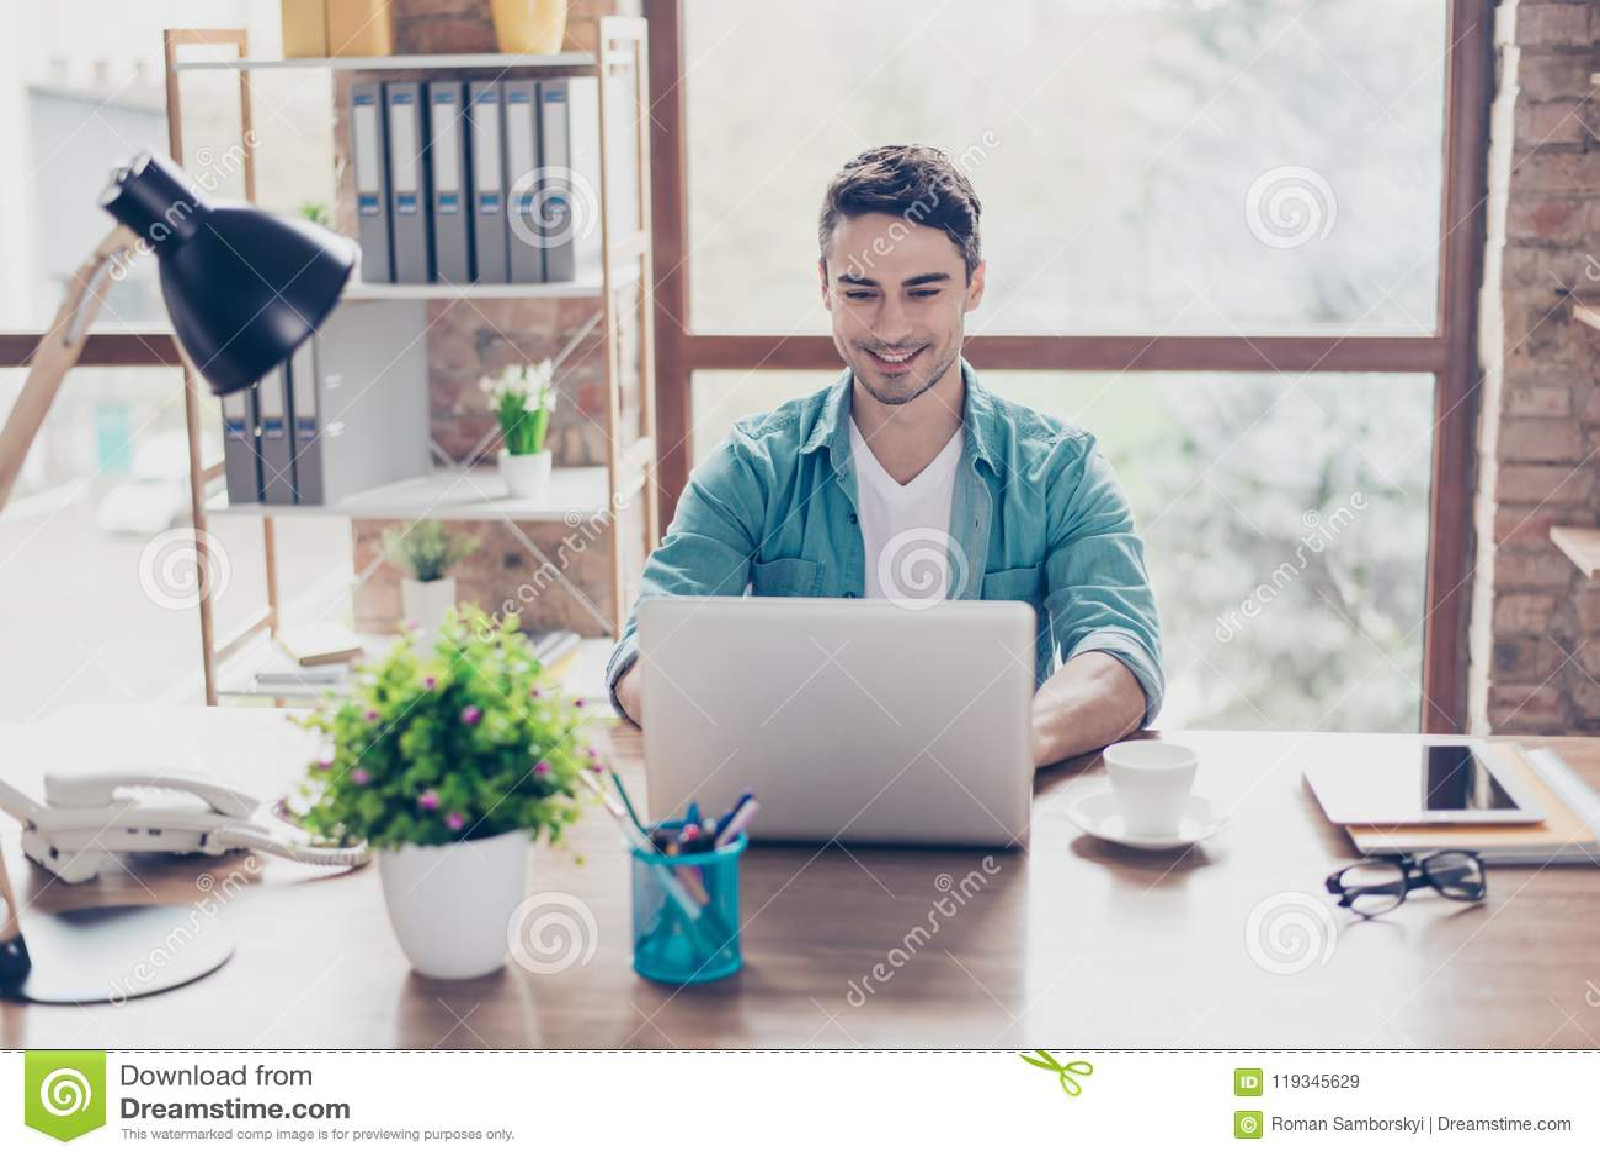 Uomo sorridente bello felice che si siede alla tavola ed allo spirito di chiacchierata